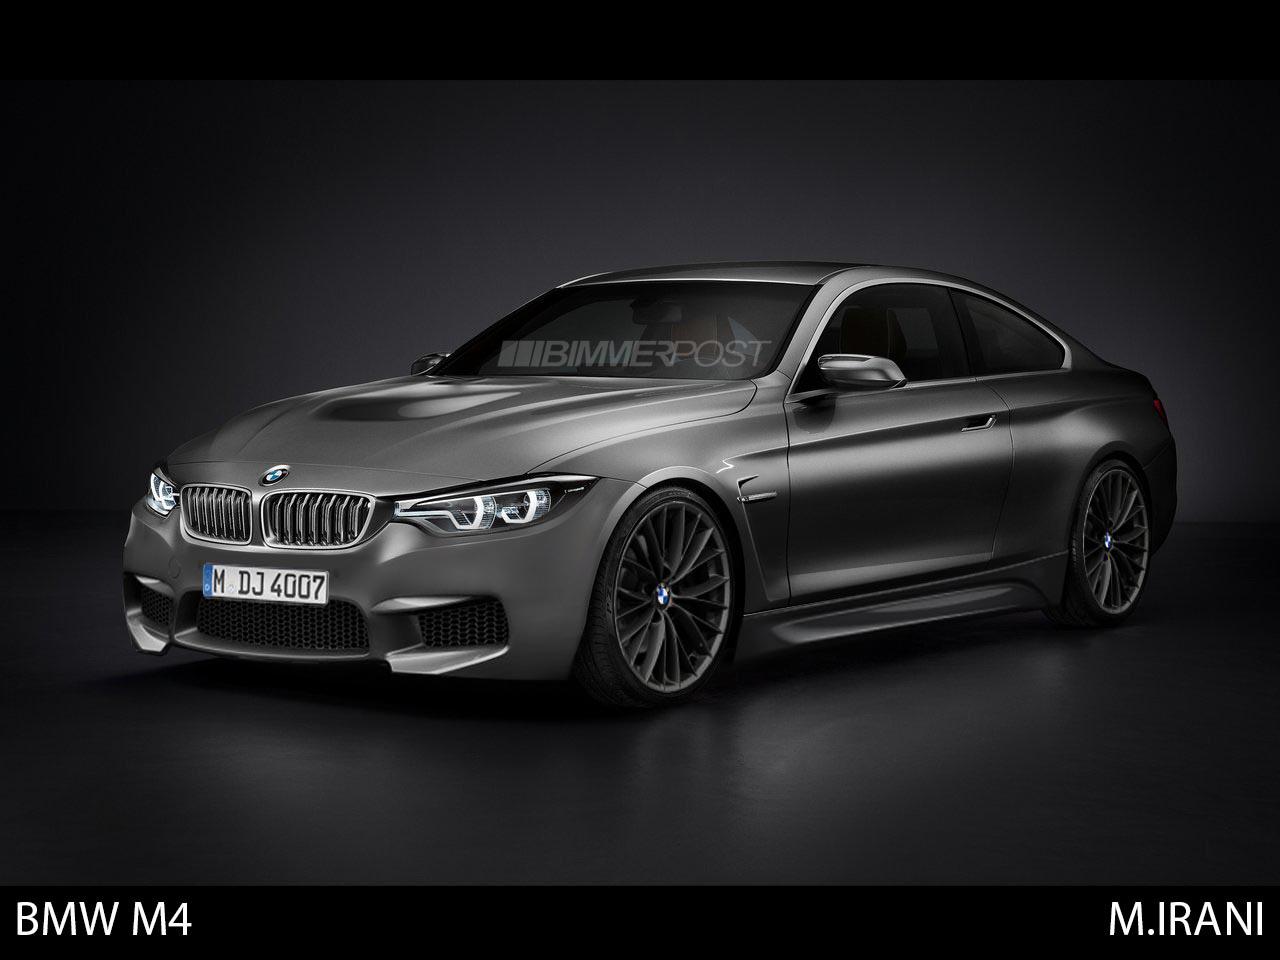 Name bmw 4 series_coupe_concept_2013_1280x960_wallpaper_1ba2 jpg views 677907 size 161 7 kb